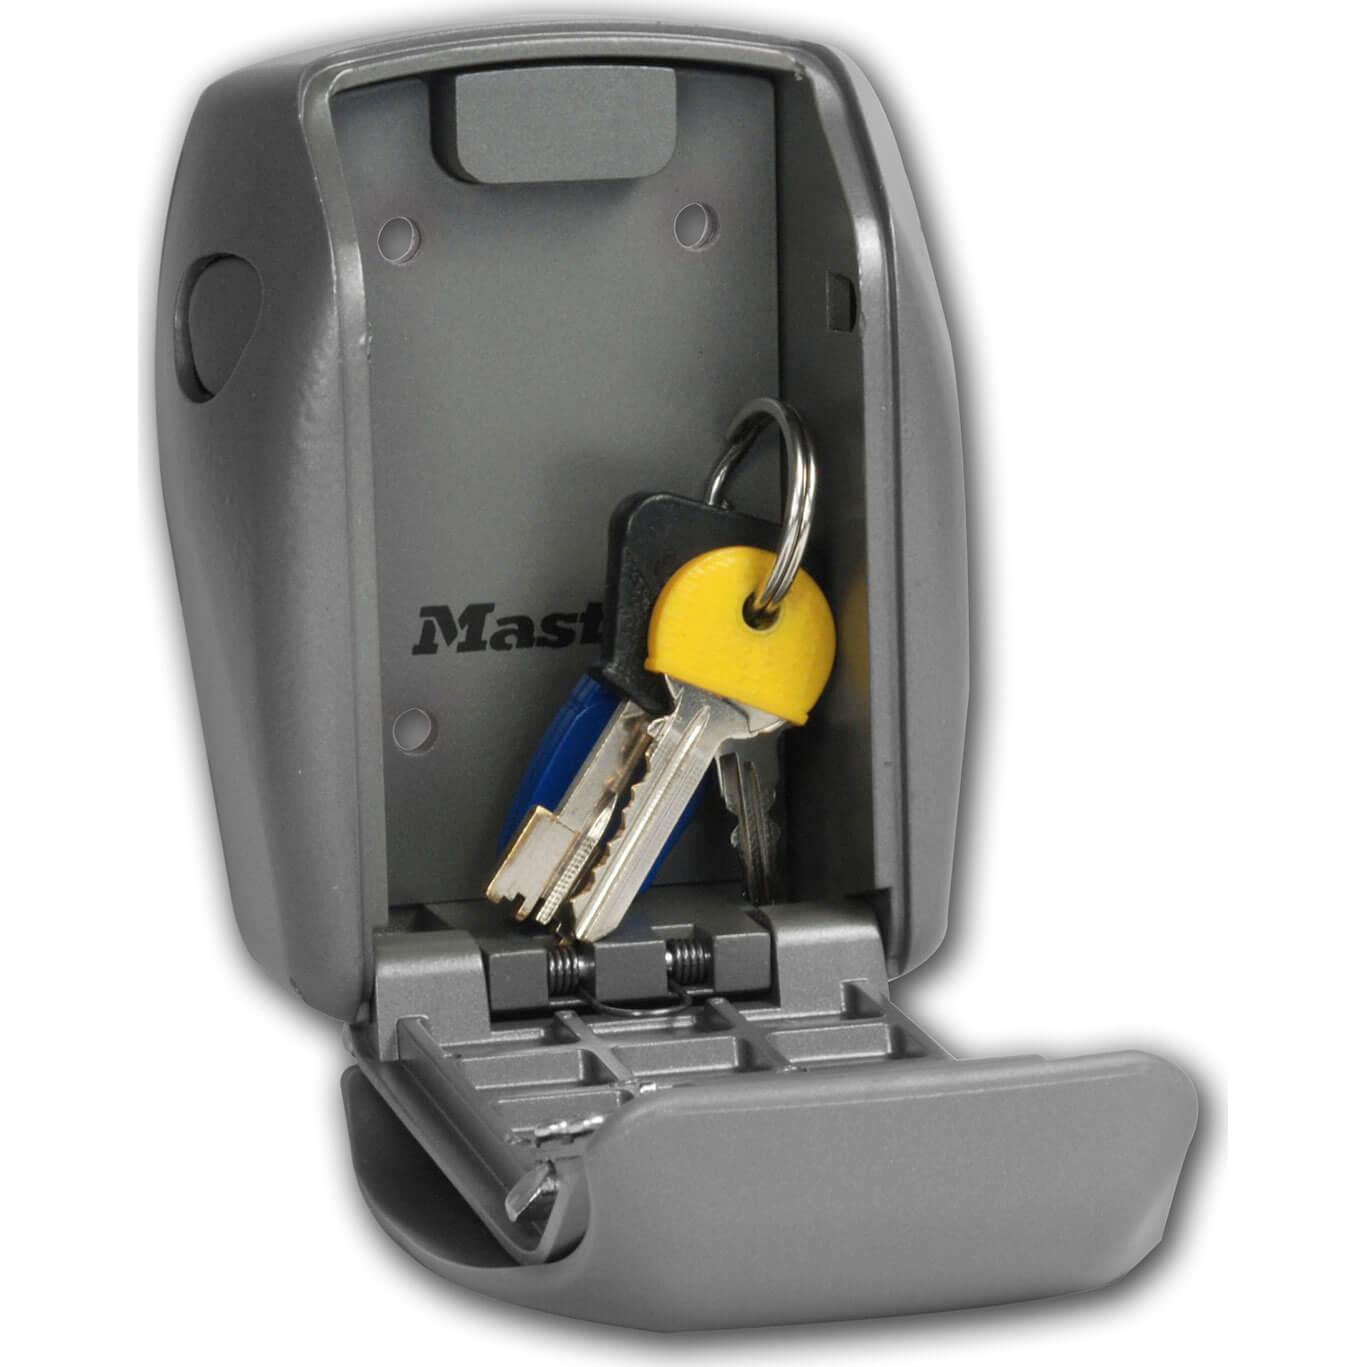 masterlock wall mount single key safe led lighted. Black Bedroom Furniture Sets. Home Design Ideas